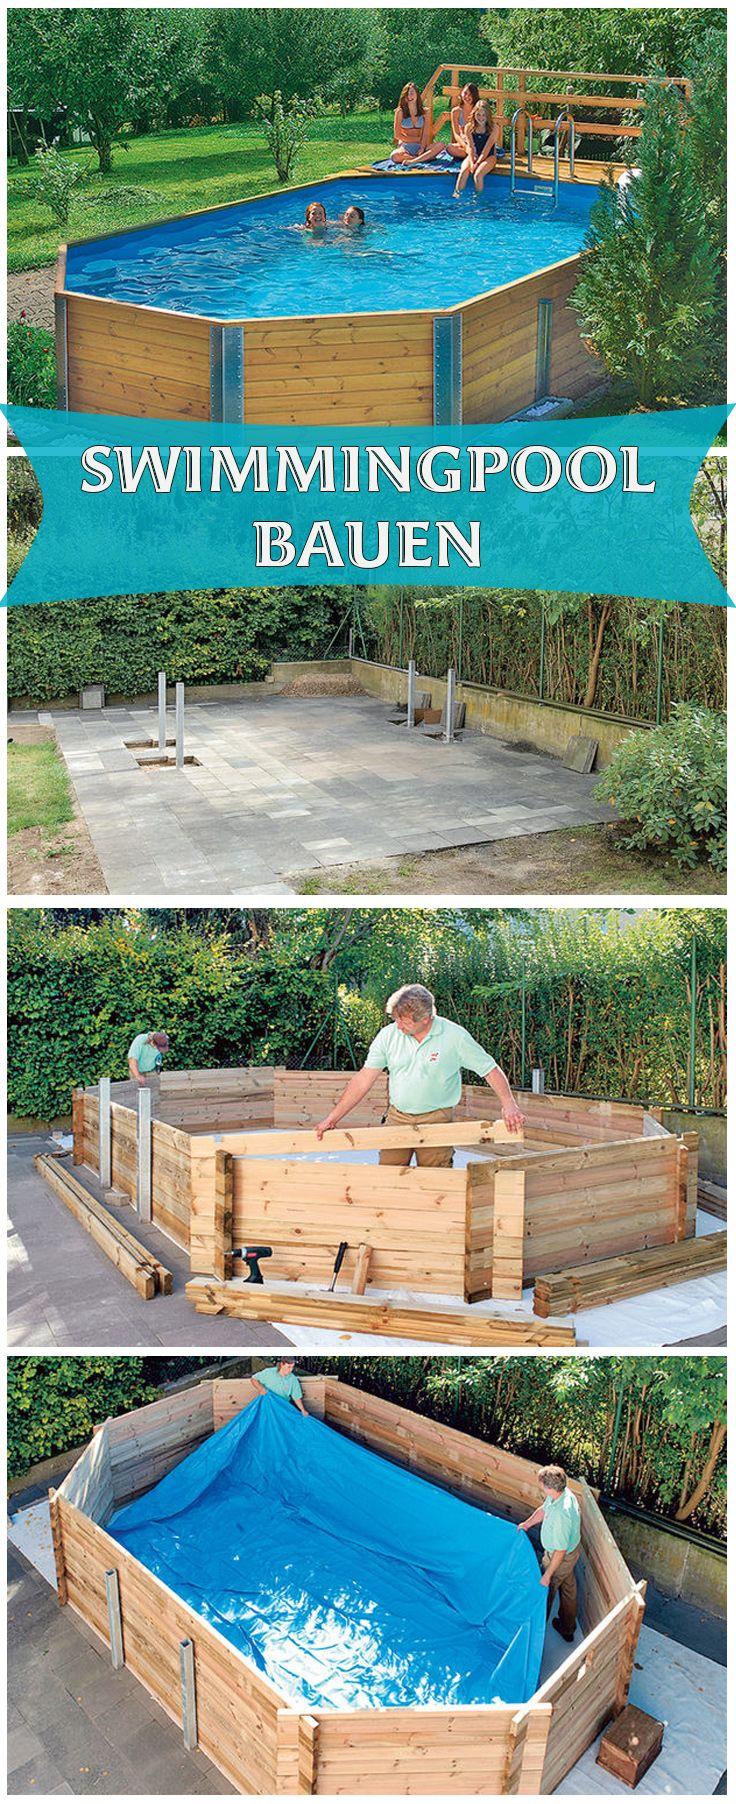 bausatz-pool | pool bausatz, bausatz und aufzubauen